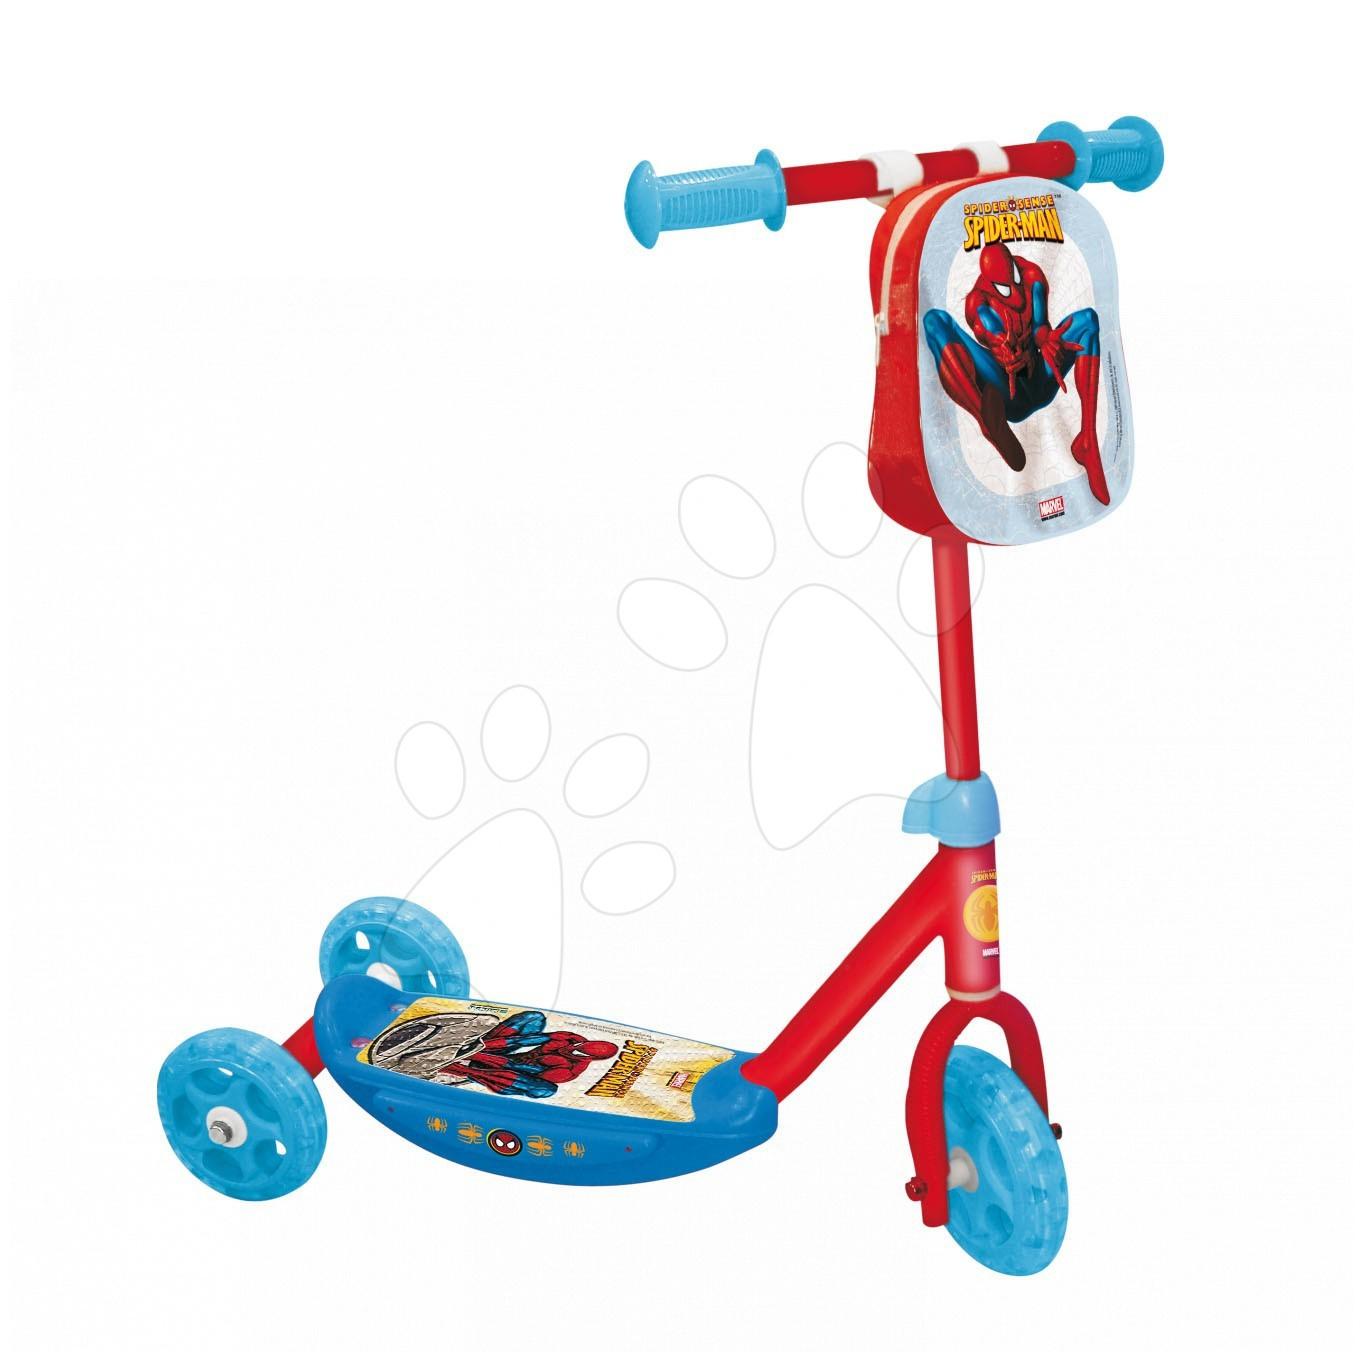 Staré položky - Koloběžka Spiderman Mondo tříkolová s taškou